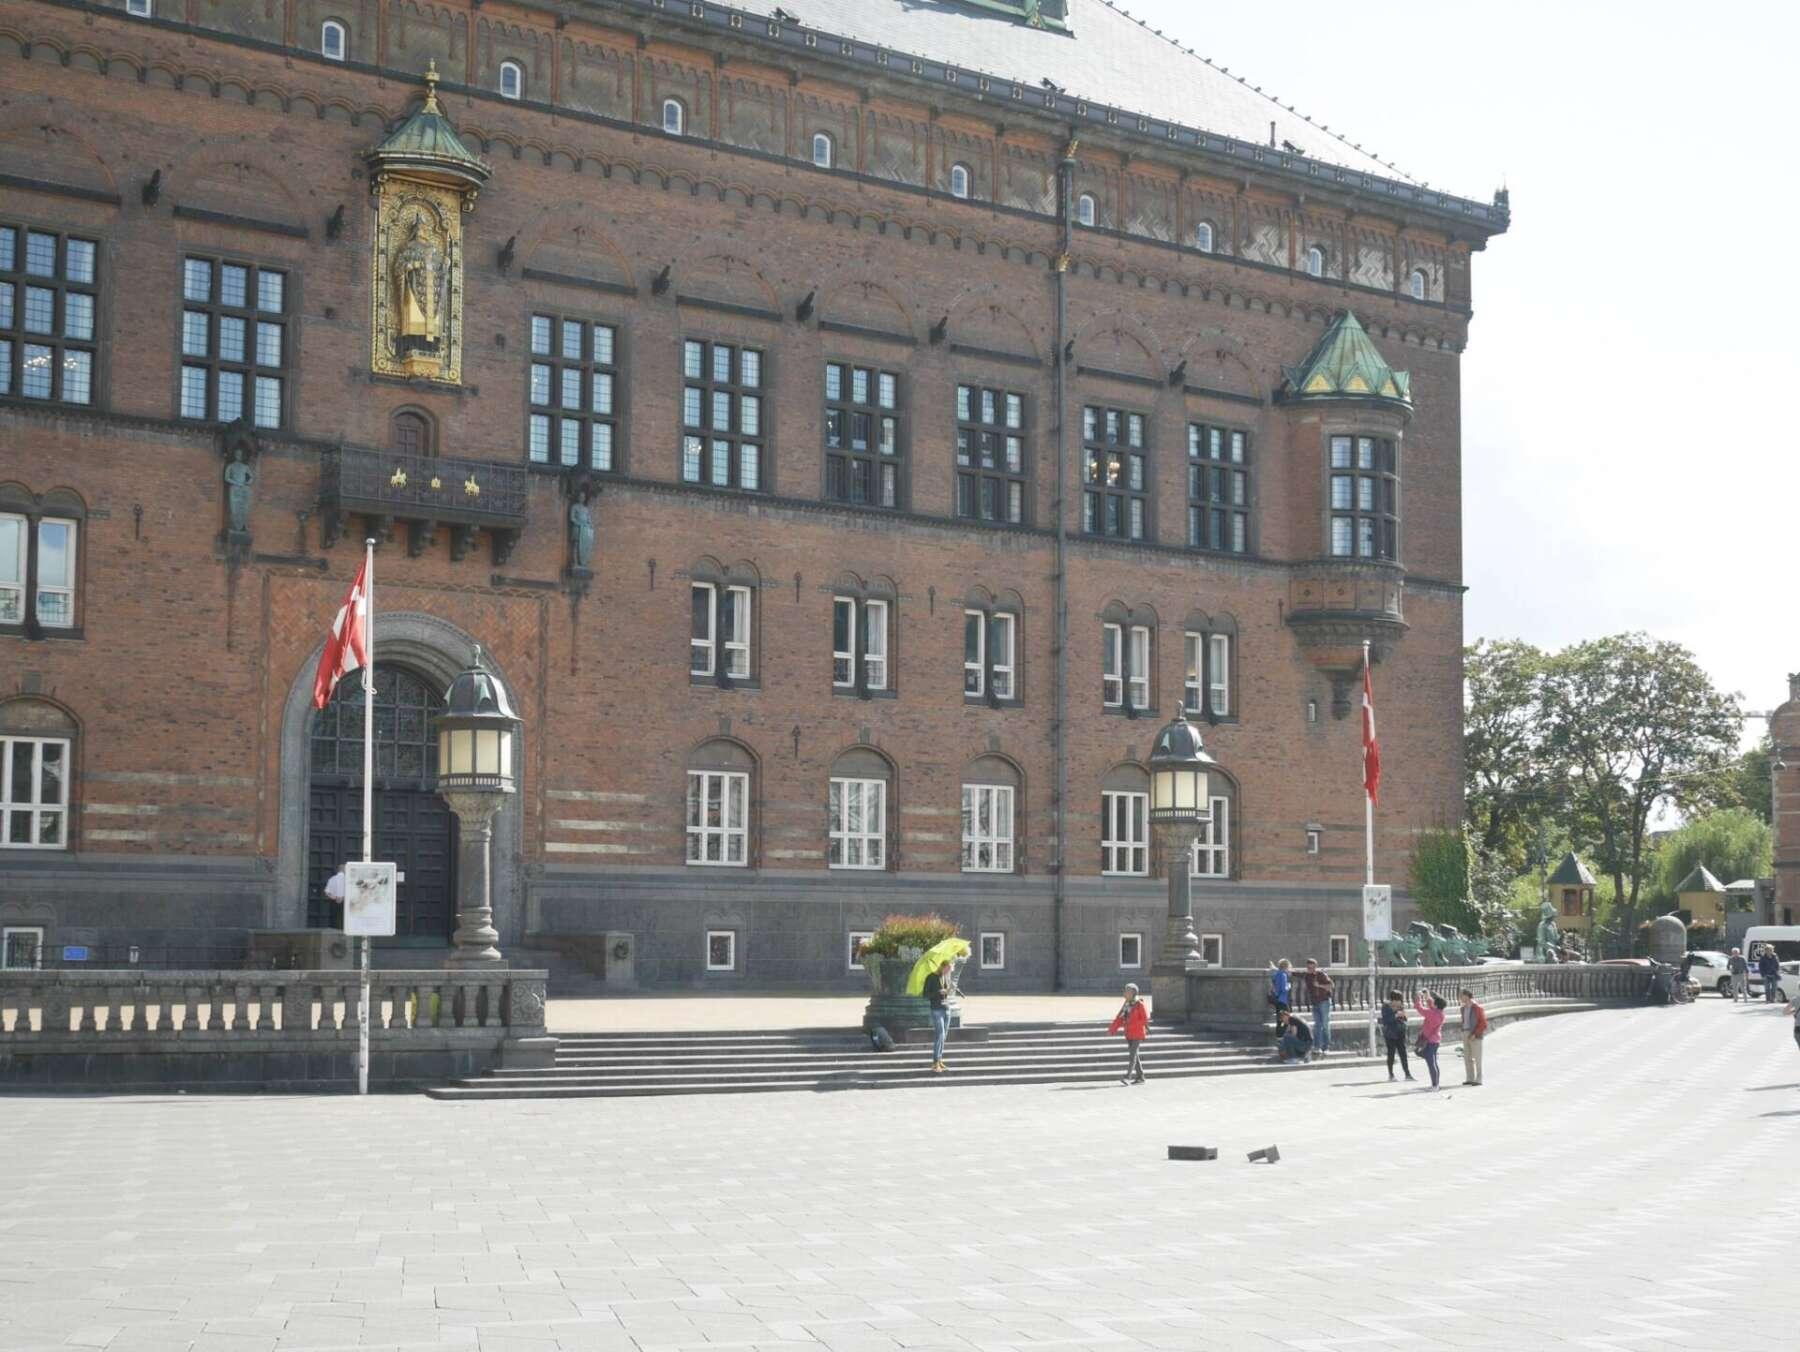 จุดนับพบของ Free walking tour Copenhagen